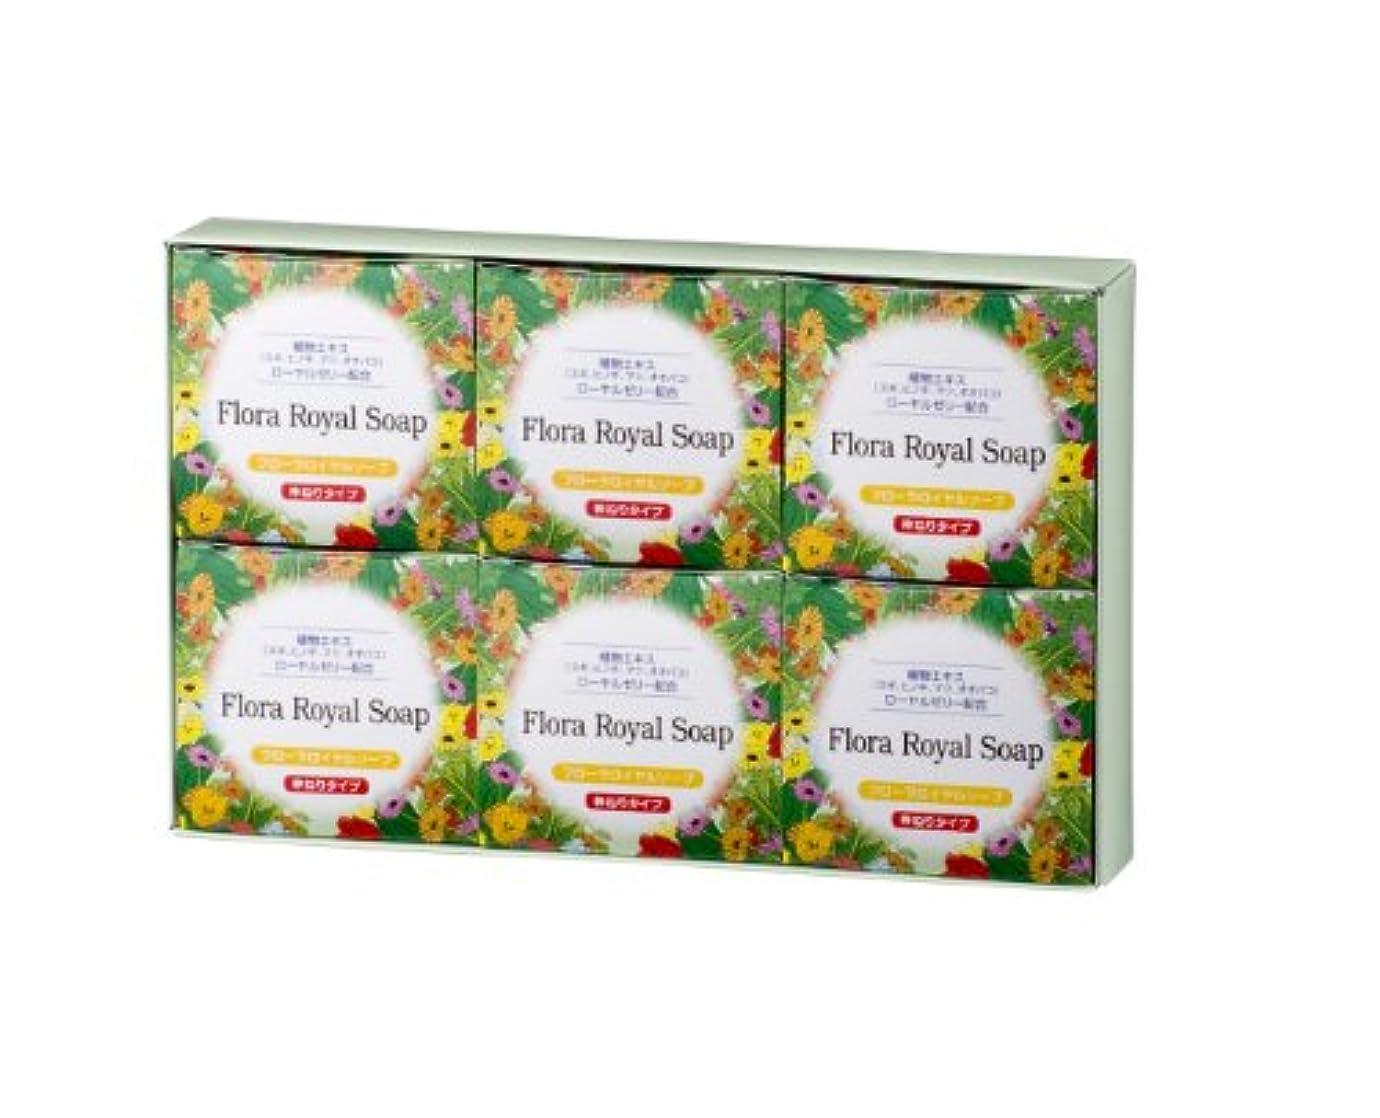 薬局昨日ブルームフローラ 植物エキスボディソープ(無香料) フローラロイヤルソープ  6個セット